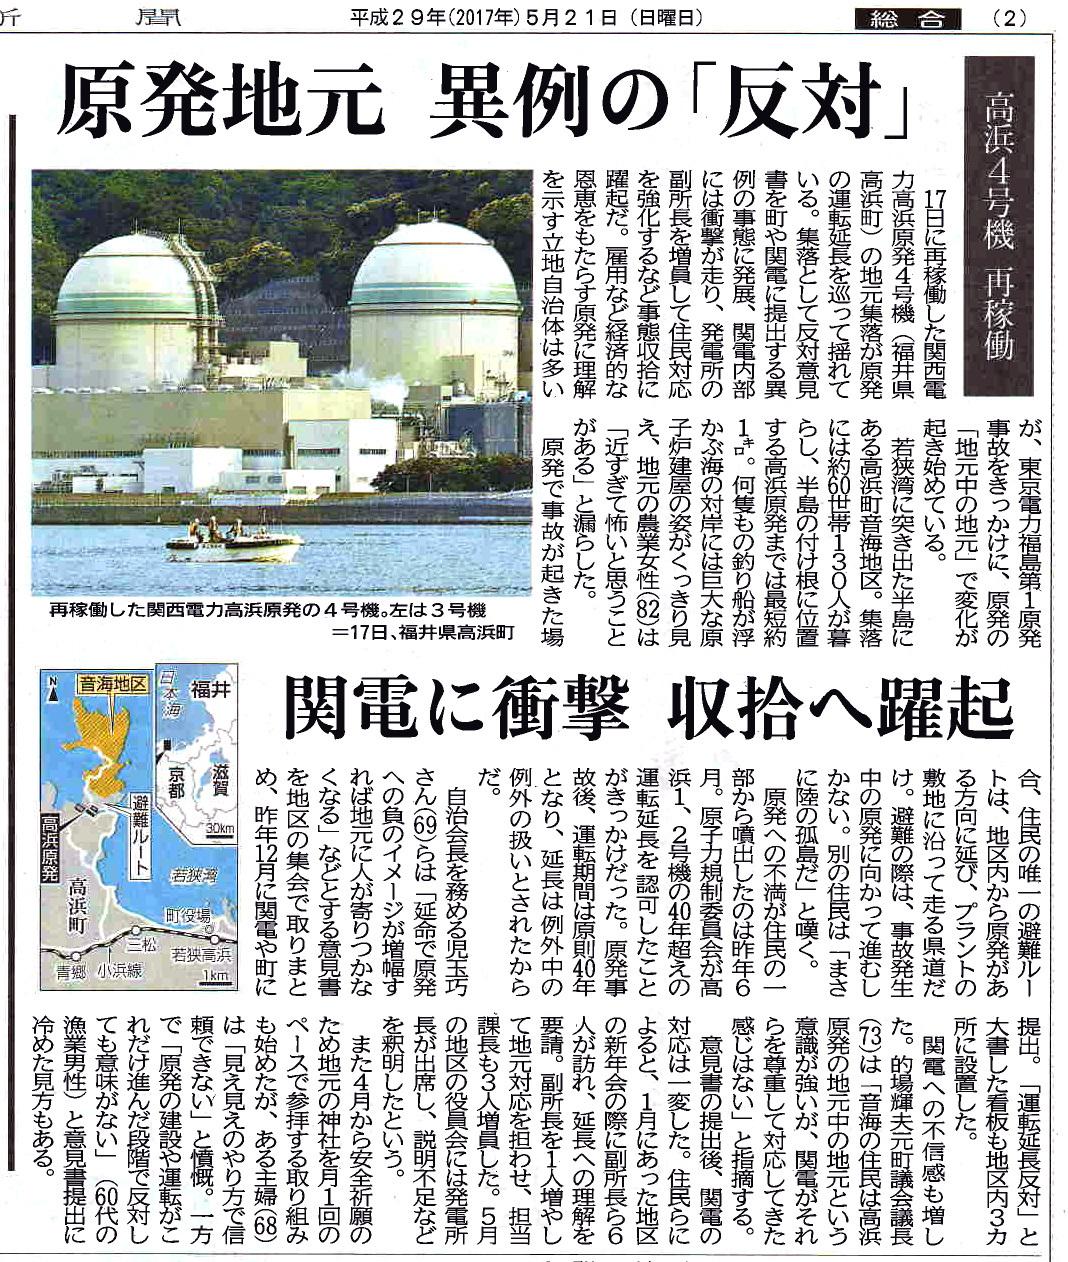 20170521-静岡-原発地元異例